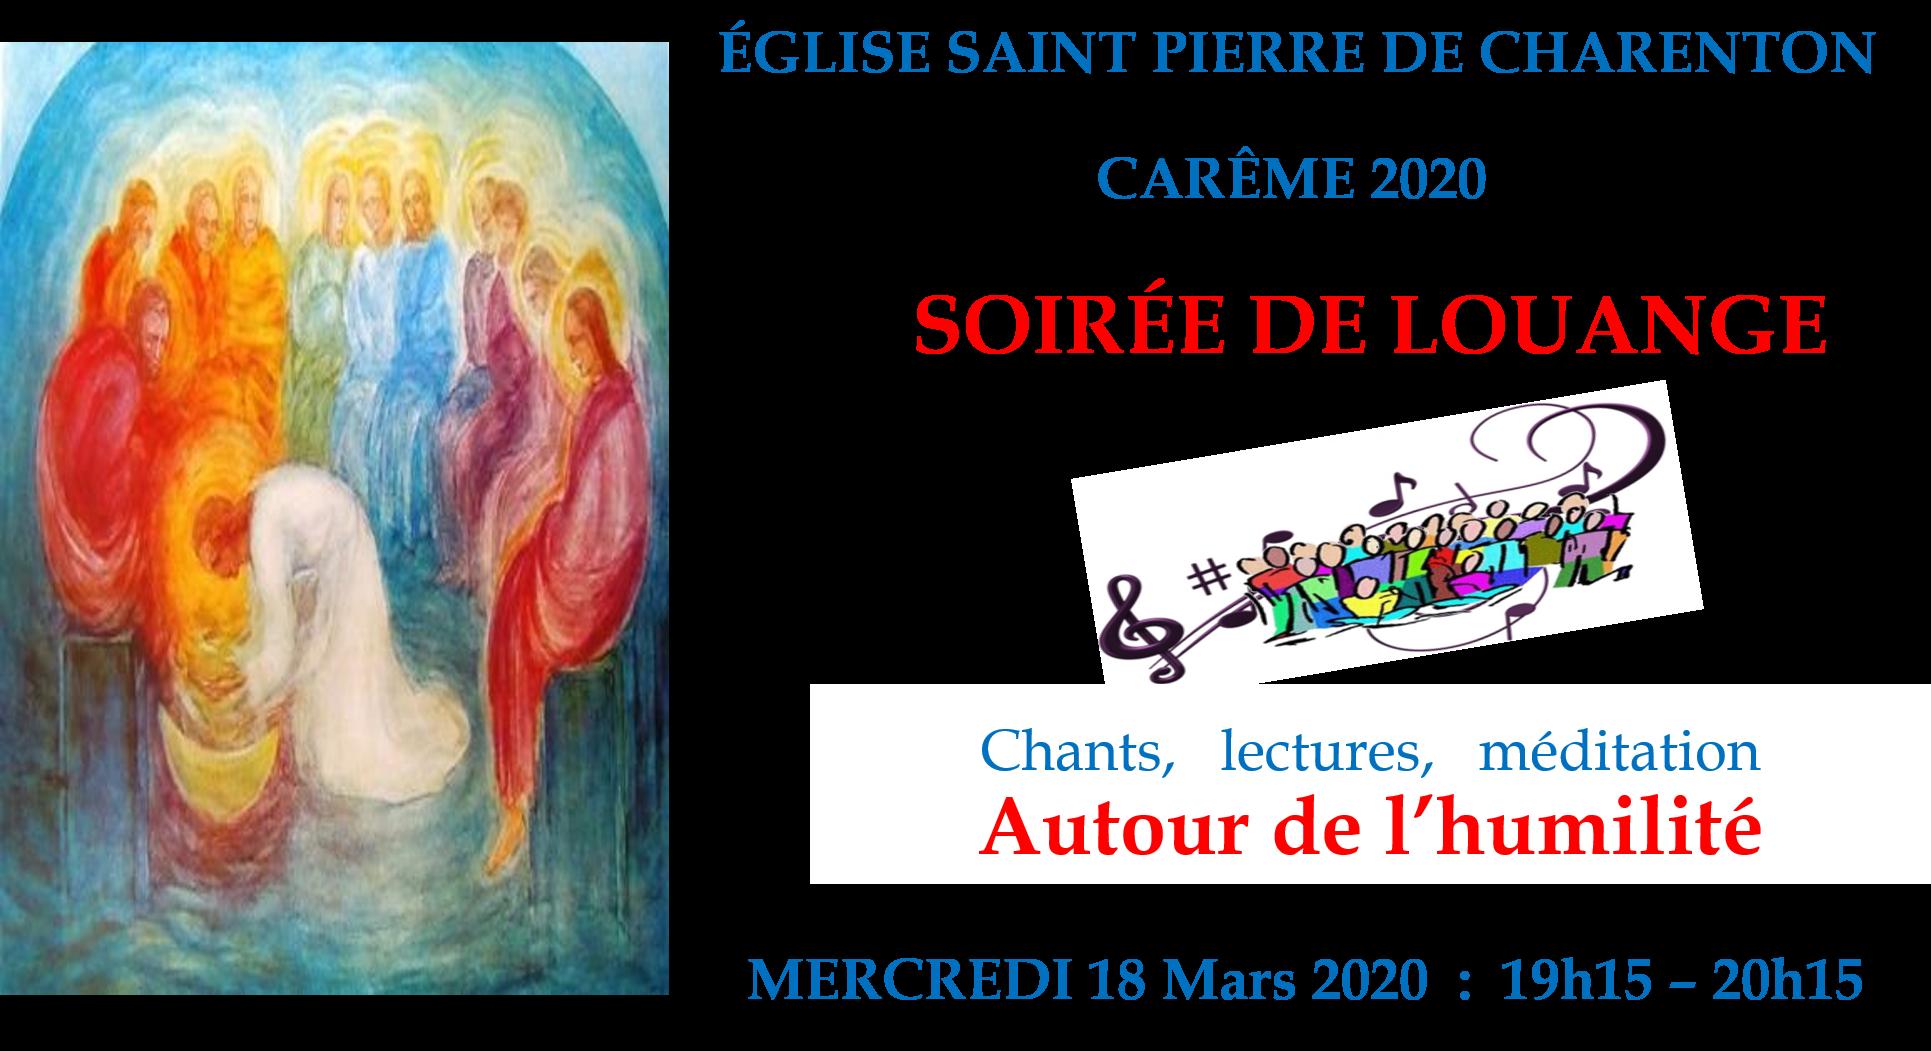 Mercredi 18 mars de 19h15 à 20h15 à l'église St Pierre Soirée de Louange